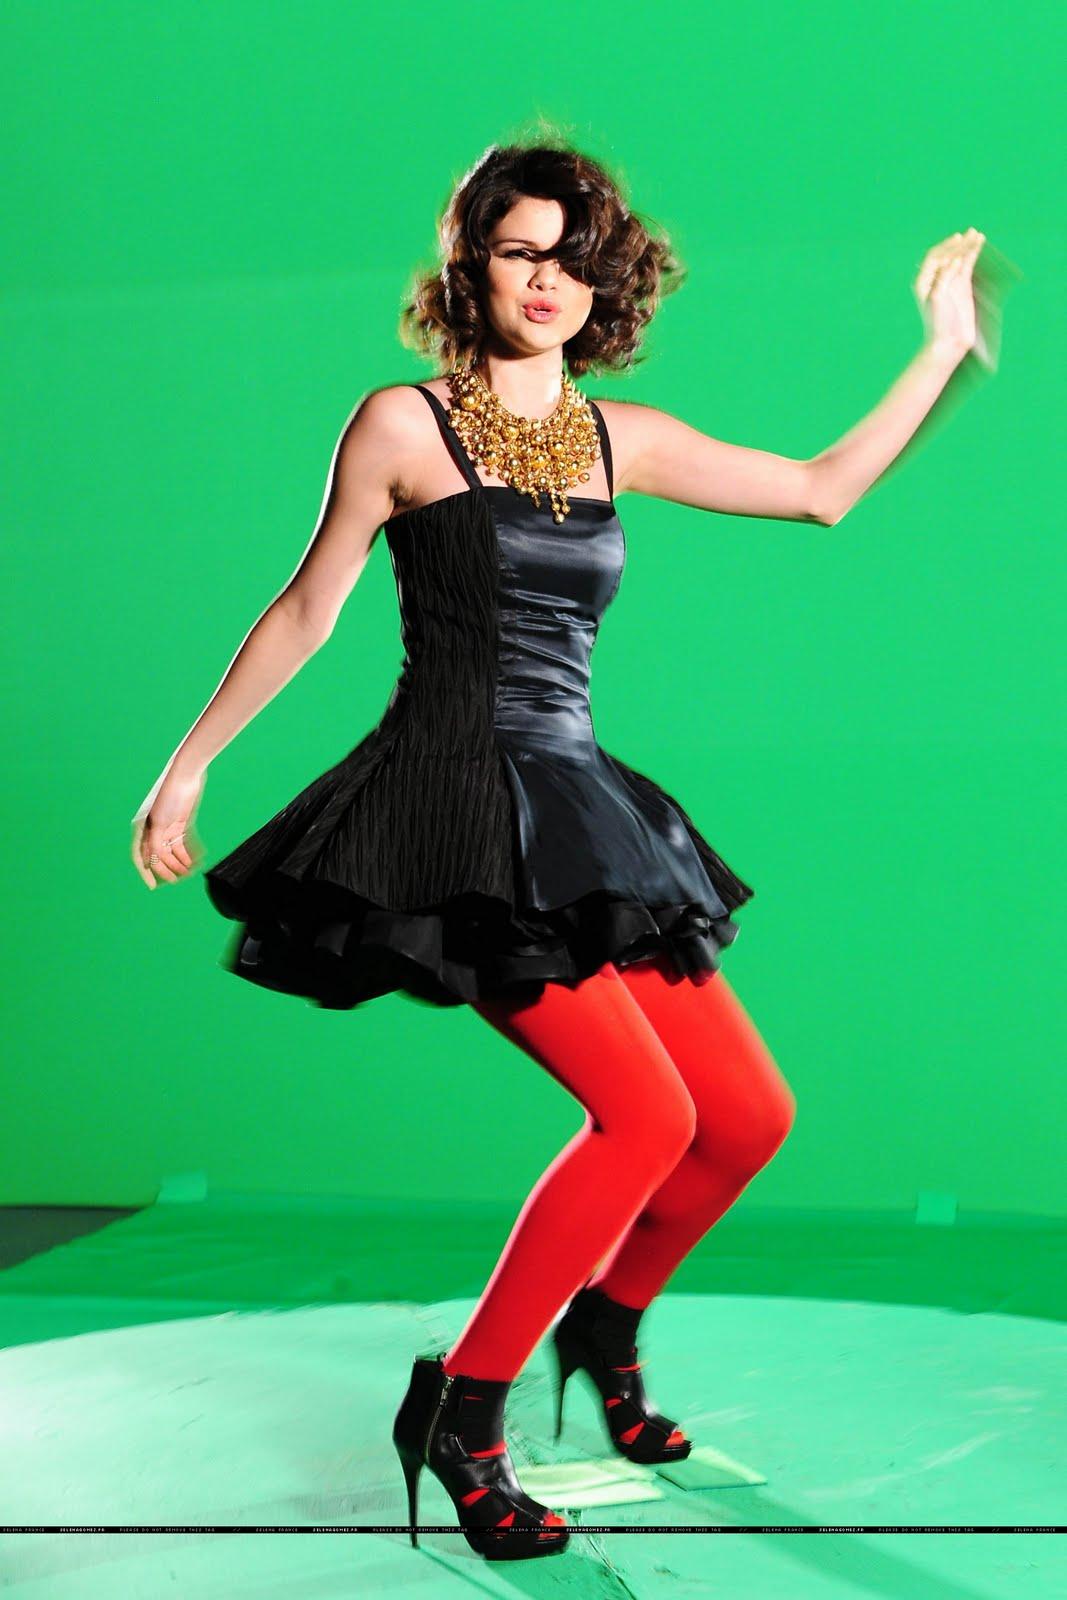 http://4.bp.blogspot.com/-5aEsFYAIz9M/TdU5bw9uuoI/AAAAAAAAB7c/v1uE_CkxTMY/s1600/Selena_Gomez_8.jpg